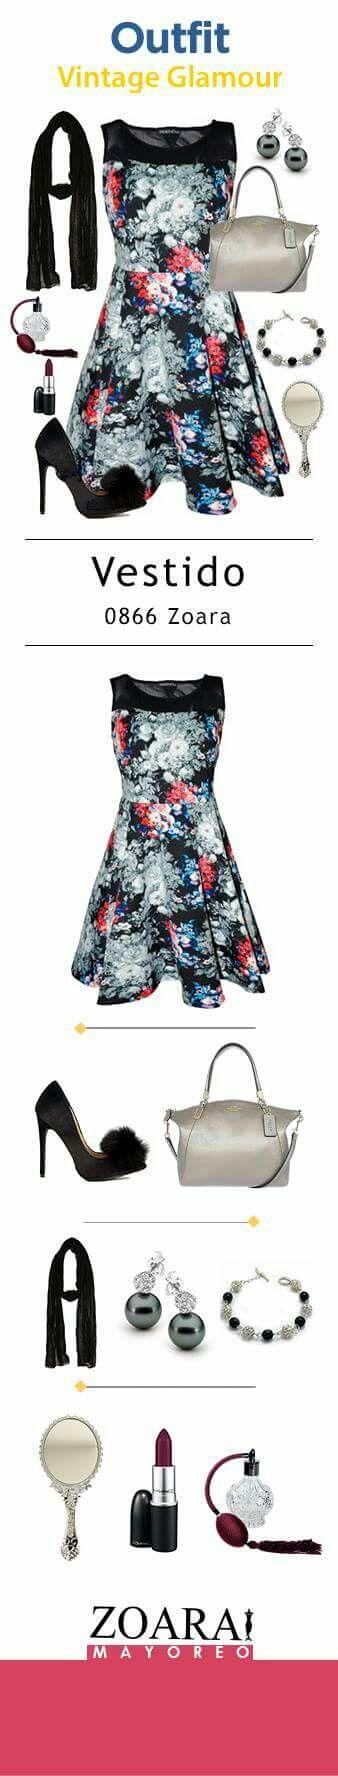 Deslumbra en la noche con tu vestido #Zoara más glam y recibe el año nuevo con la mejor actitud. #ModaMujer #Estilo #Glamour #Tendencia